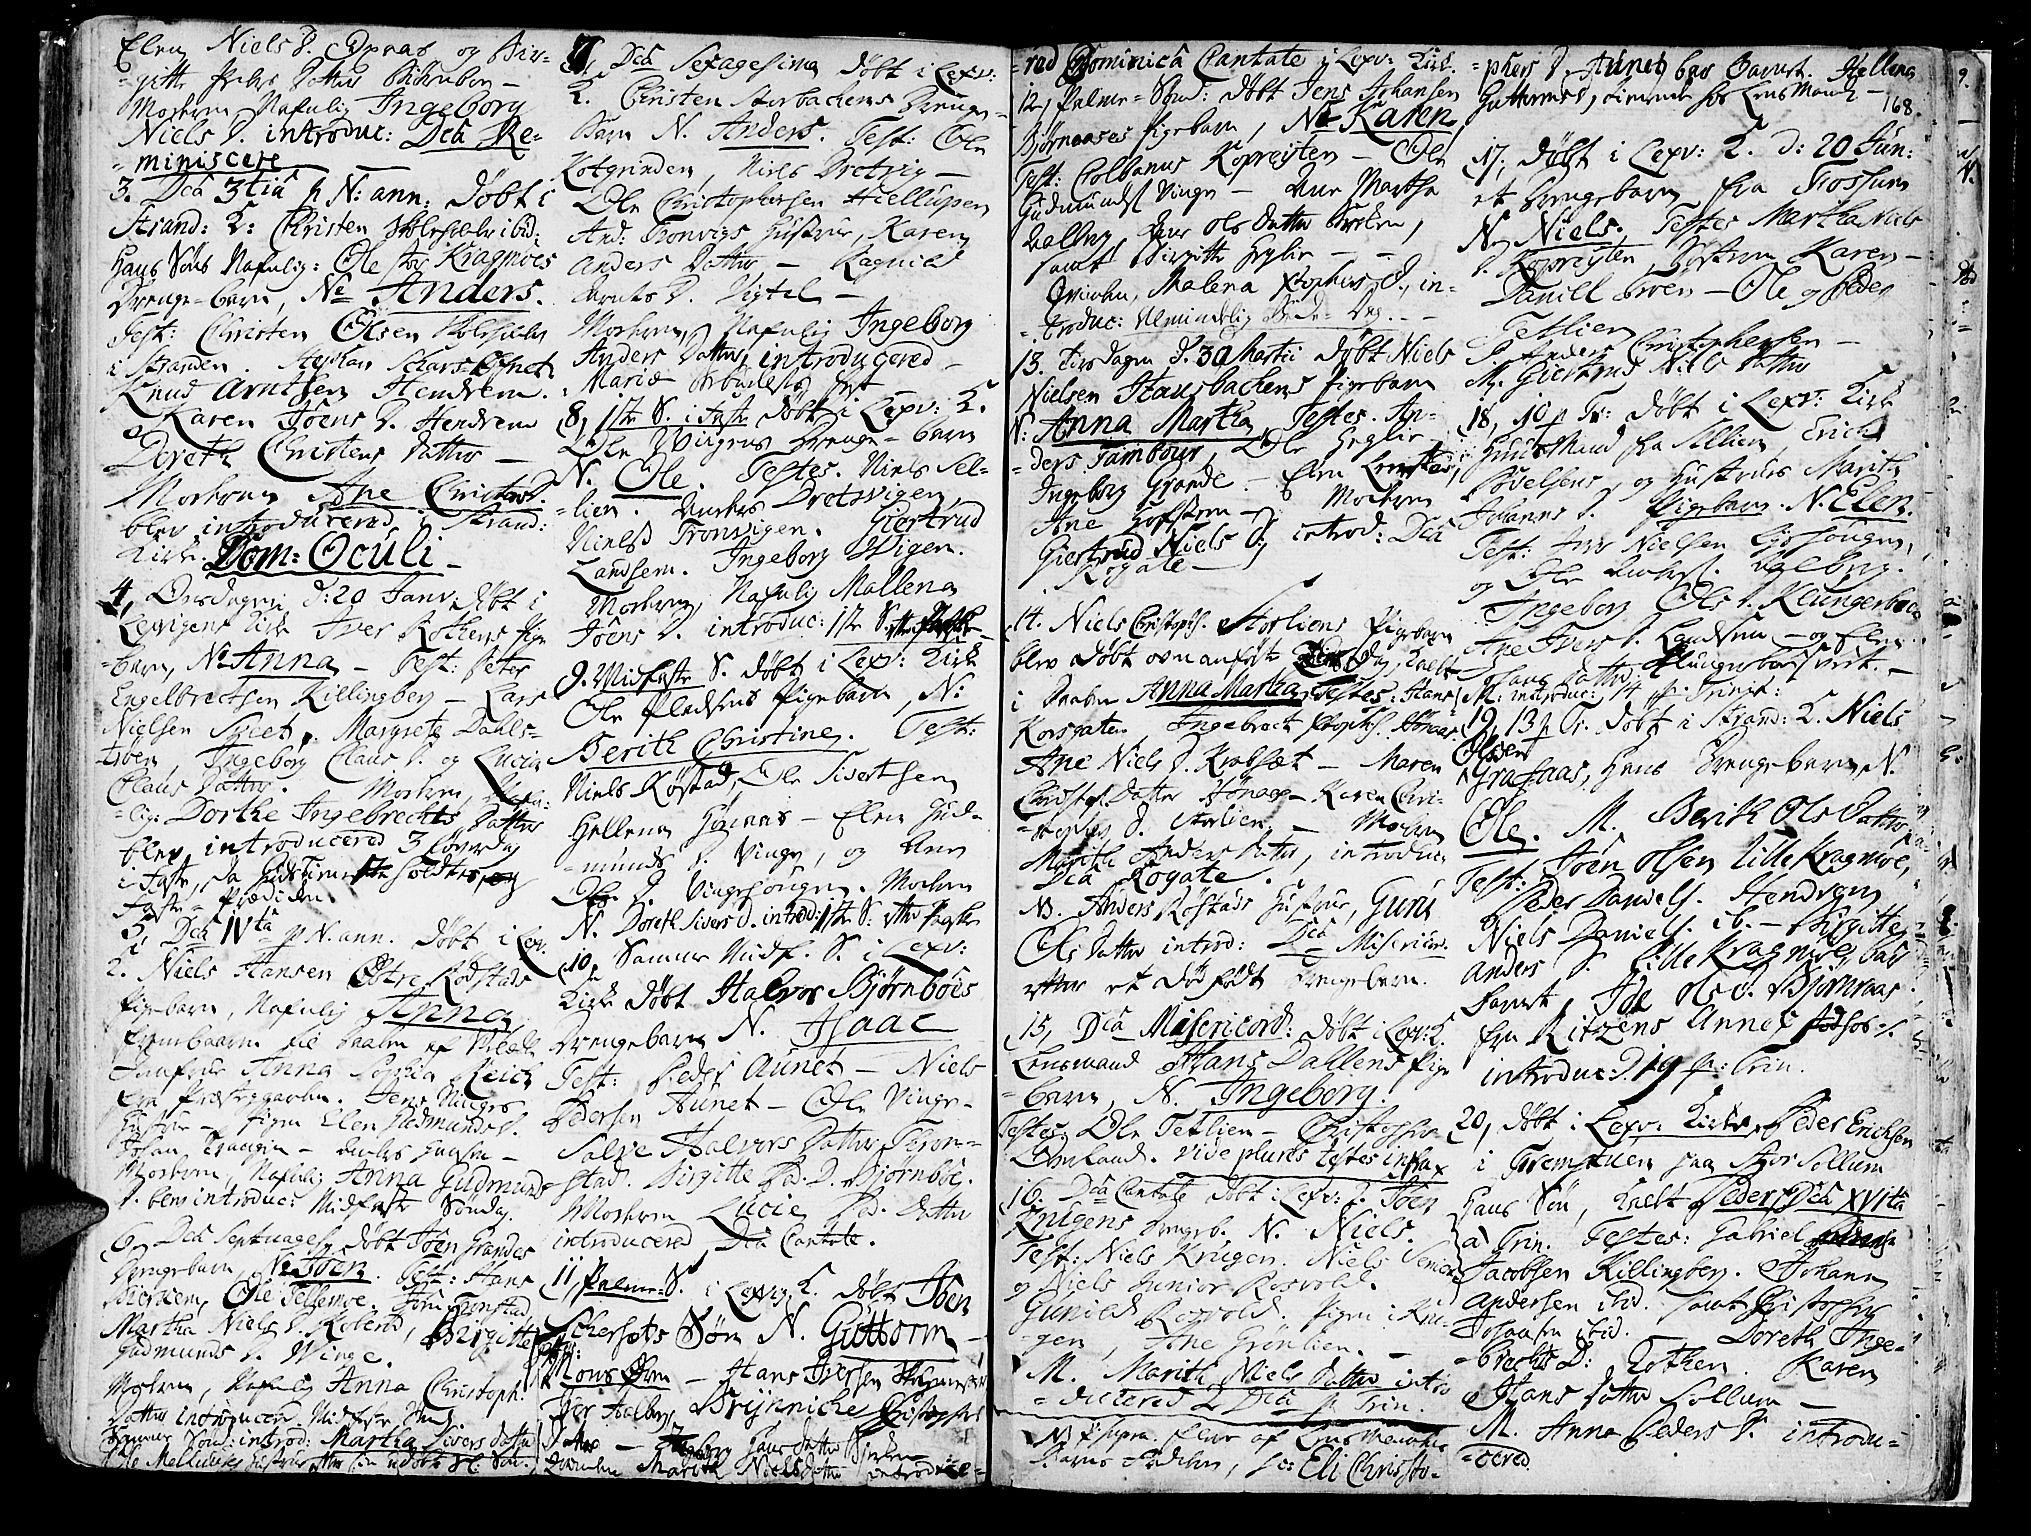 SAT, Ministerialprotokoller, klokkerbøker og fødselsregistre - Nord-Trøndelag, 701/L0003: Ministerialbok nr. 701A03, 1751-1783, s. 168